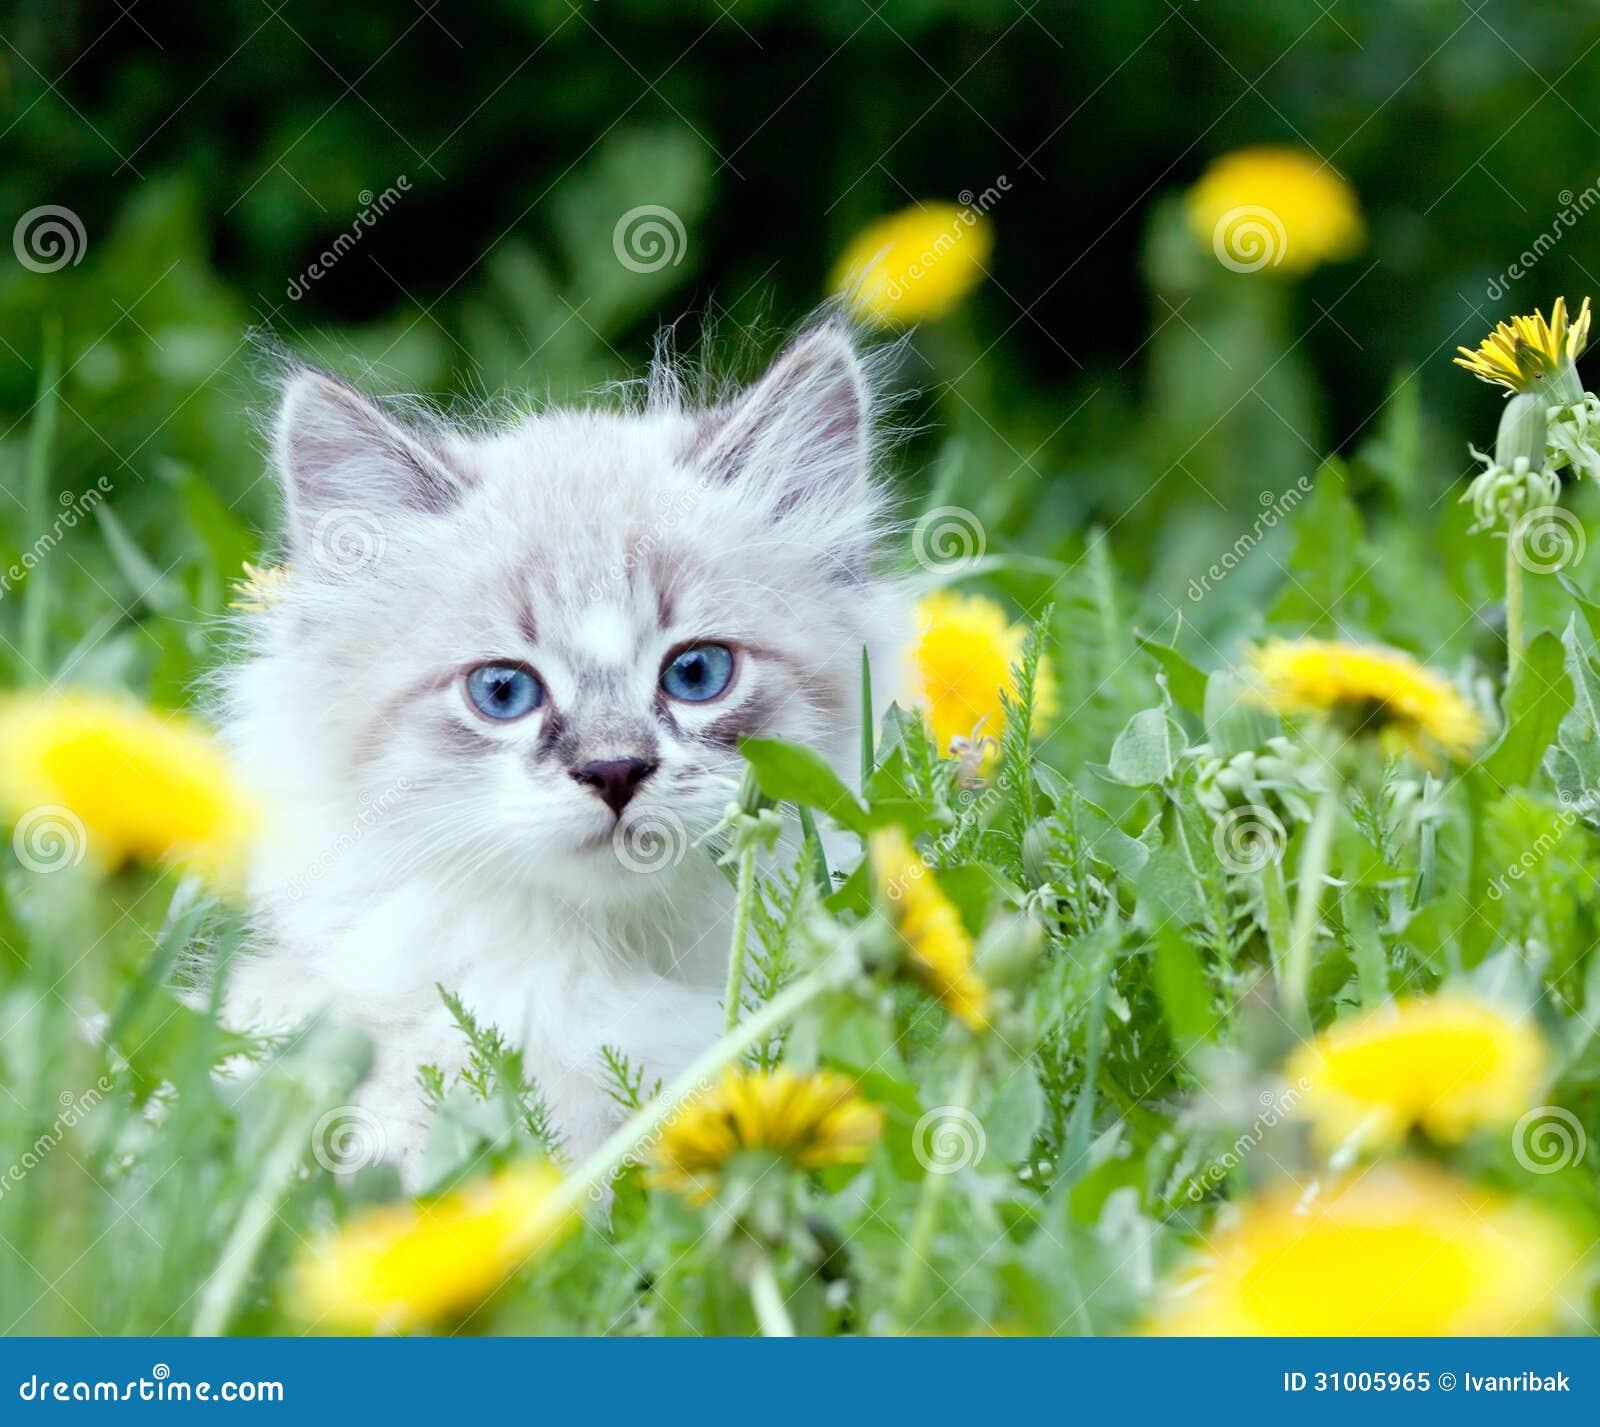 Small kitten sitting in the dandelions